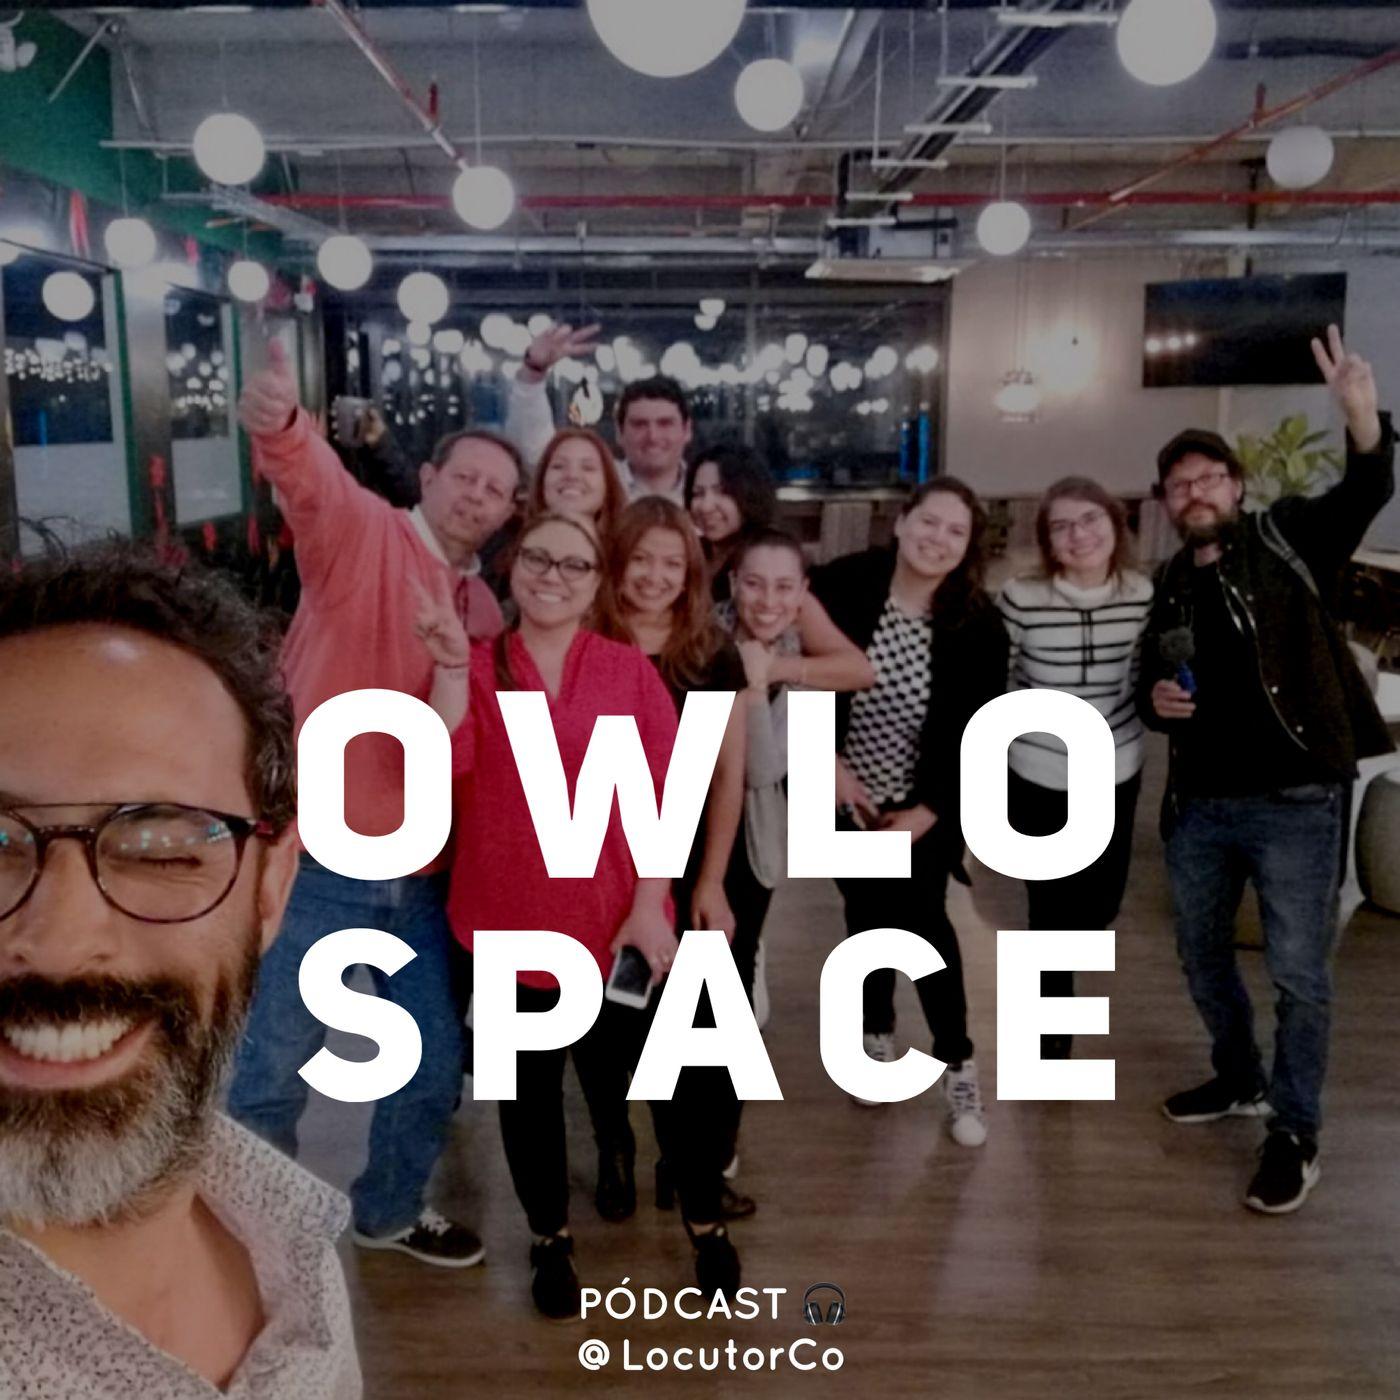 Conociendo Owlo Space (en Estéreo expandido)